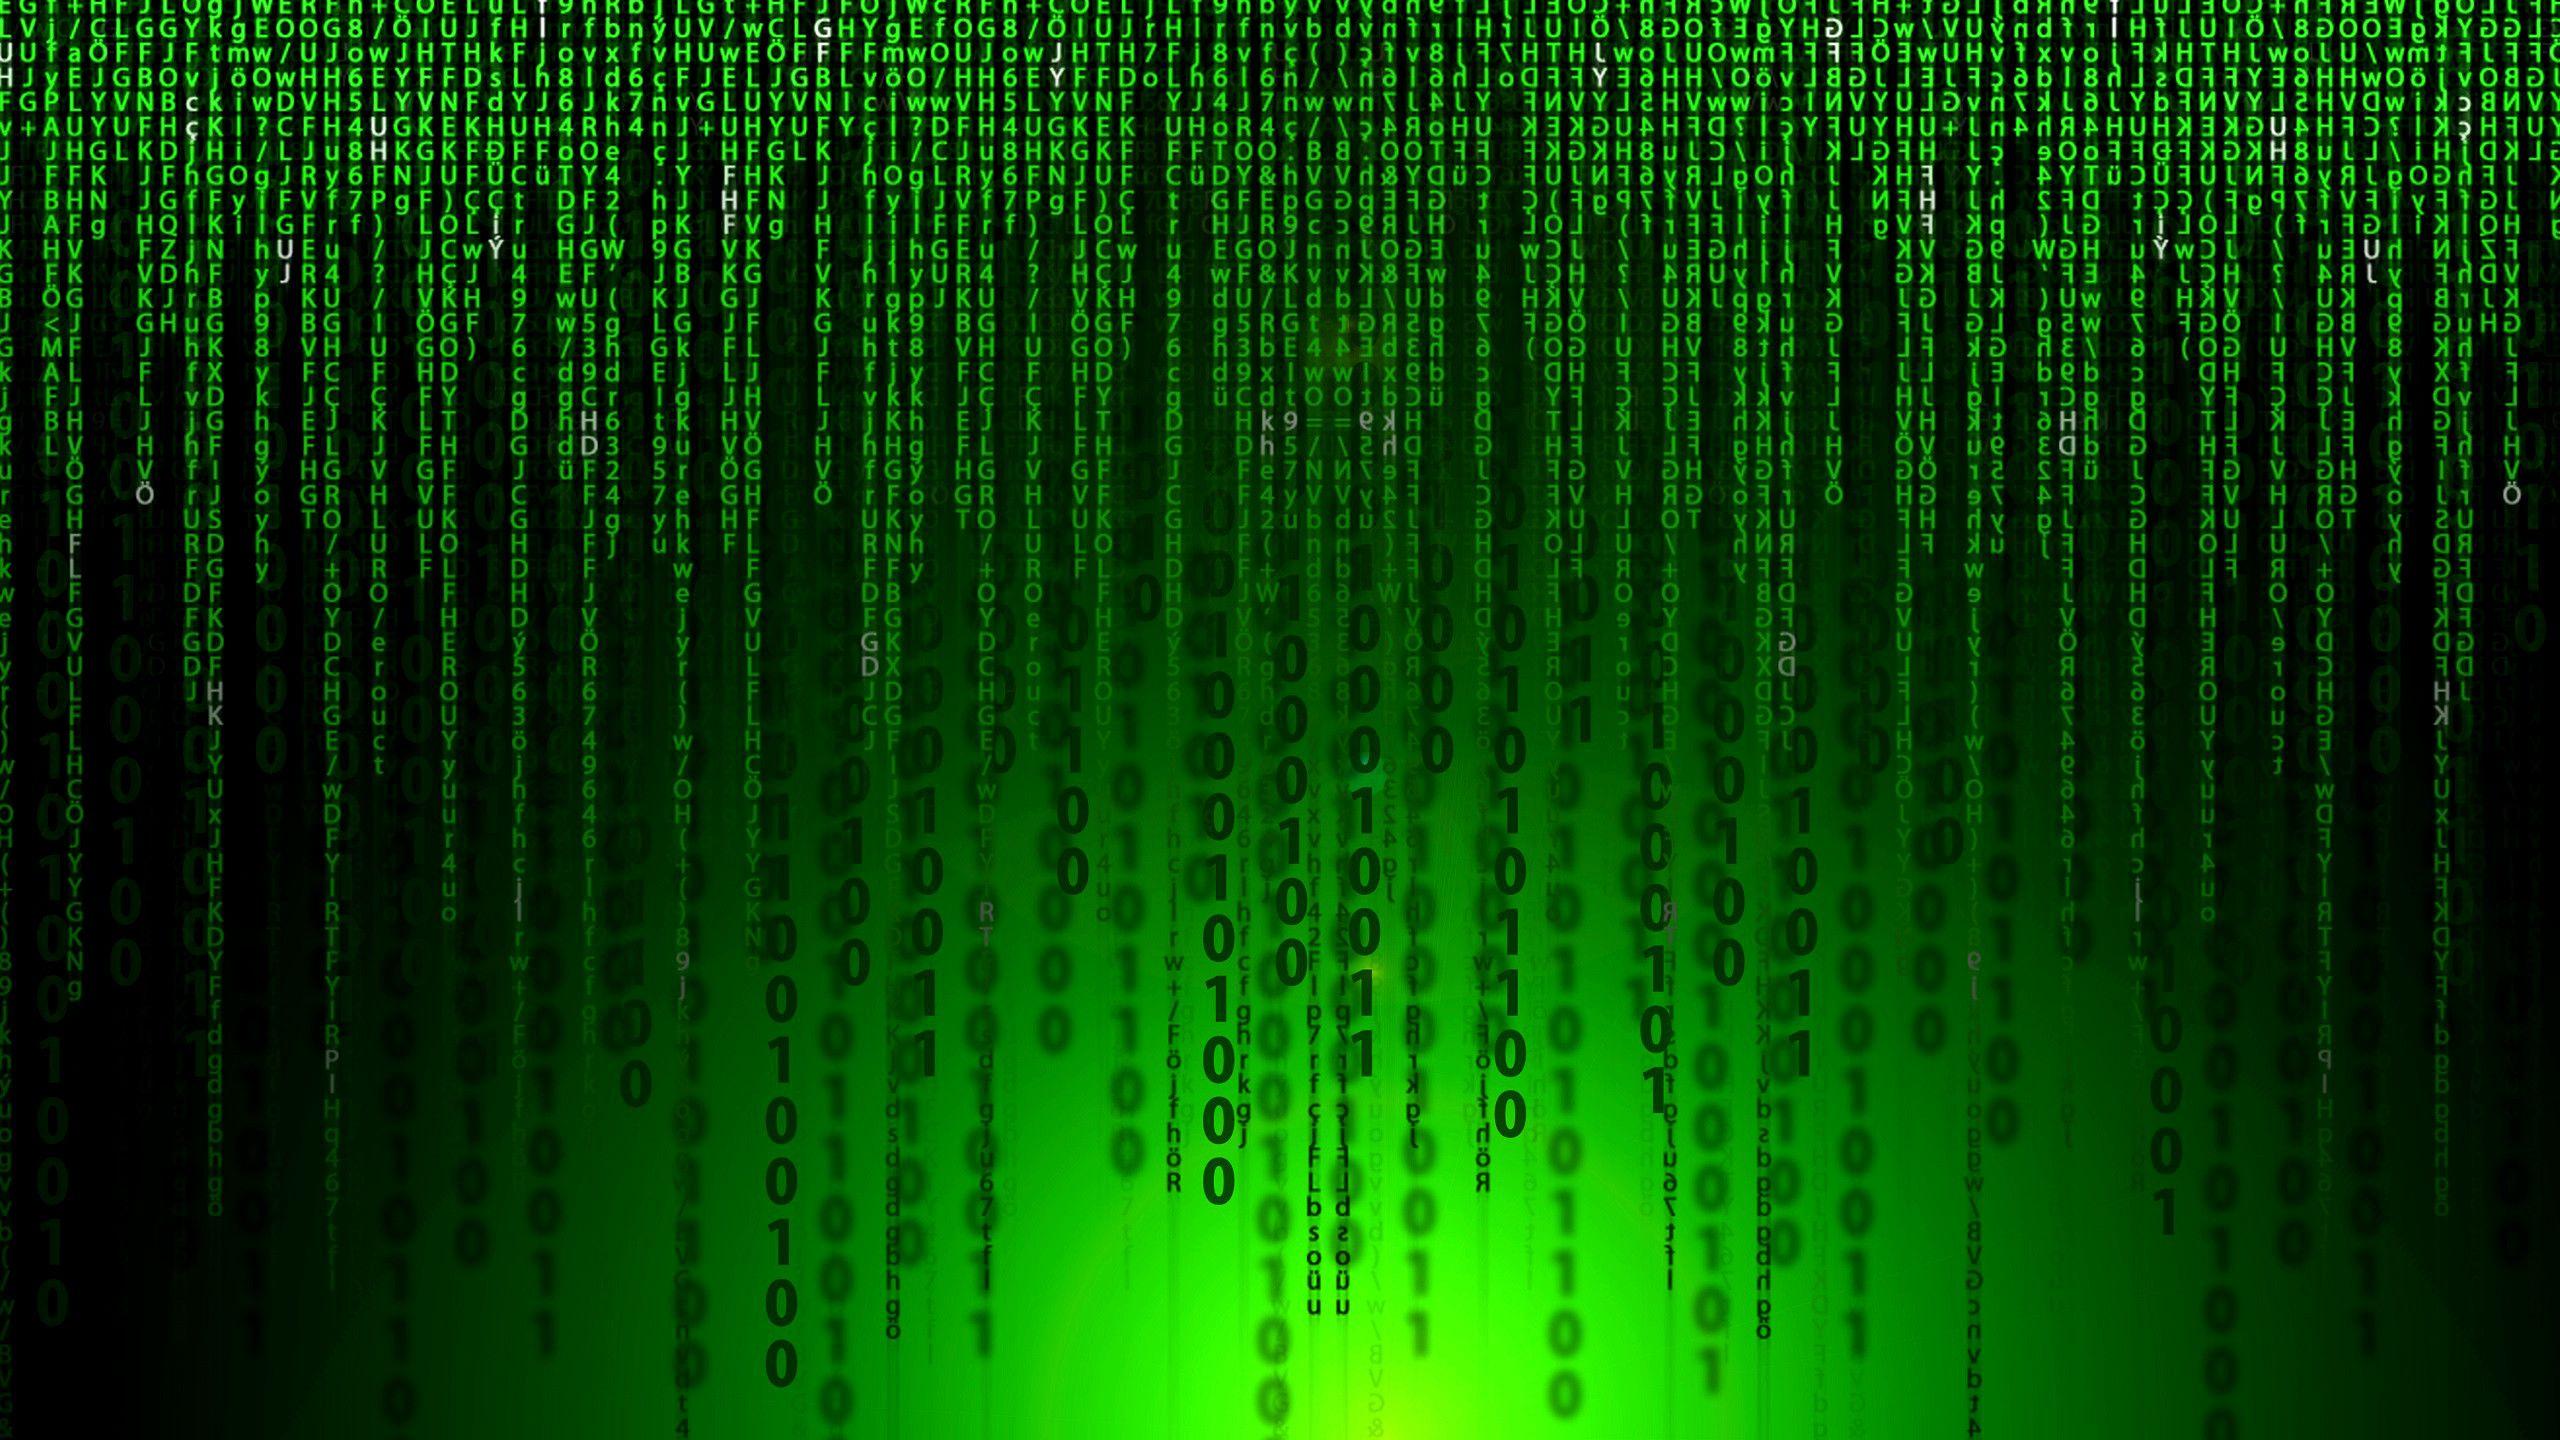 Matrix gay wallpaper